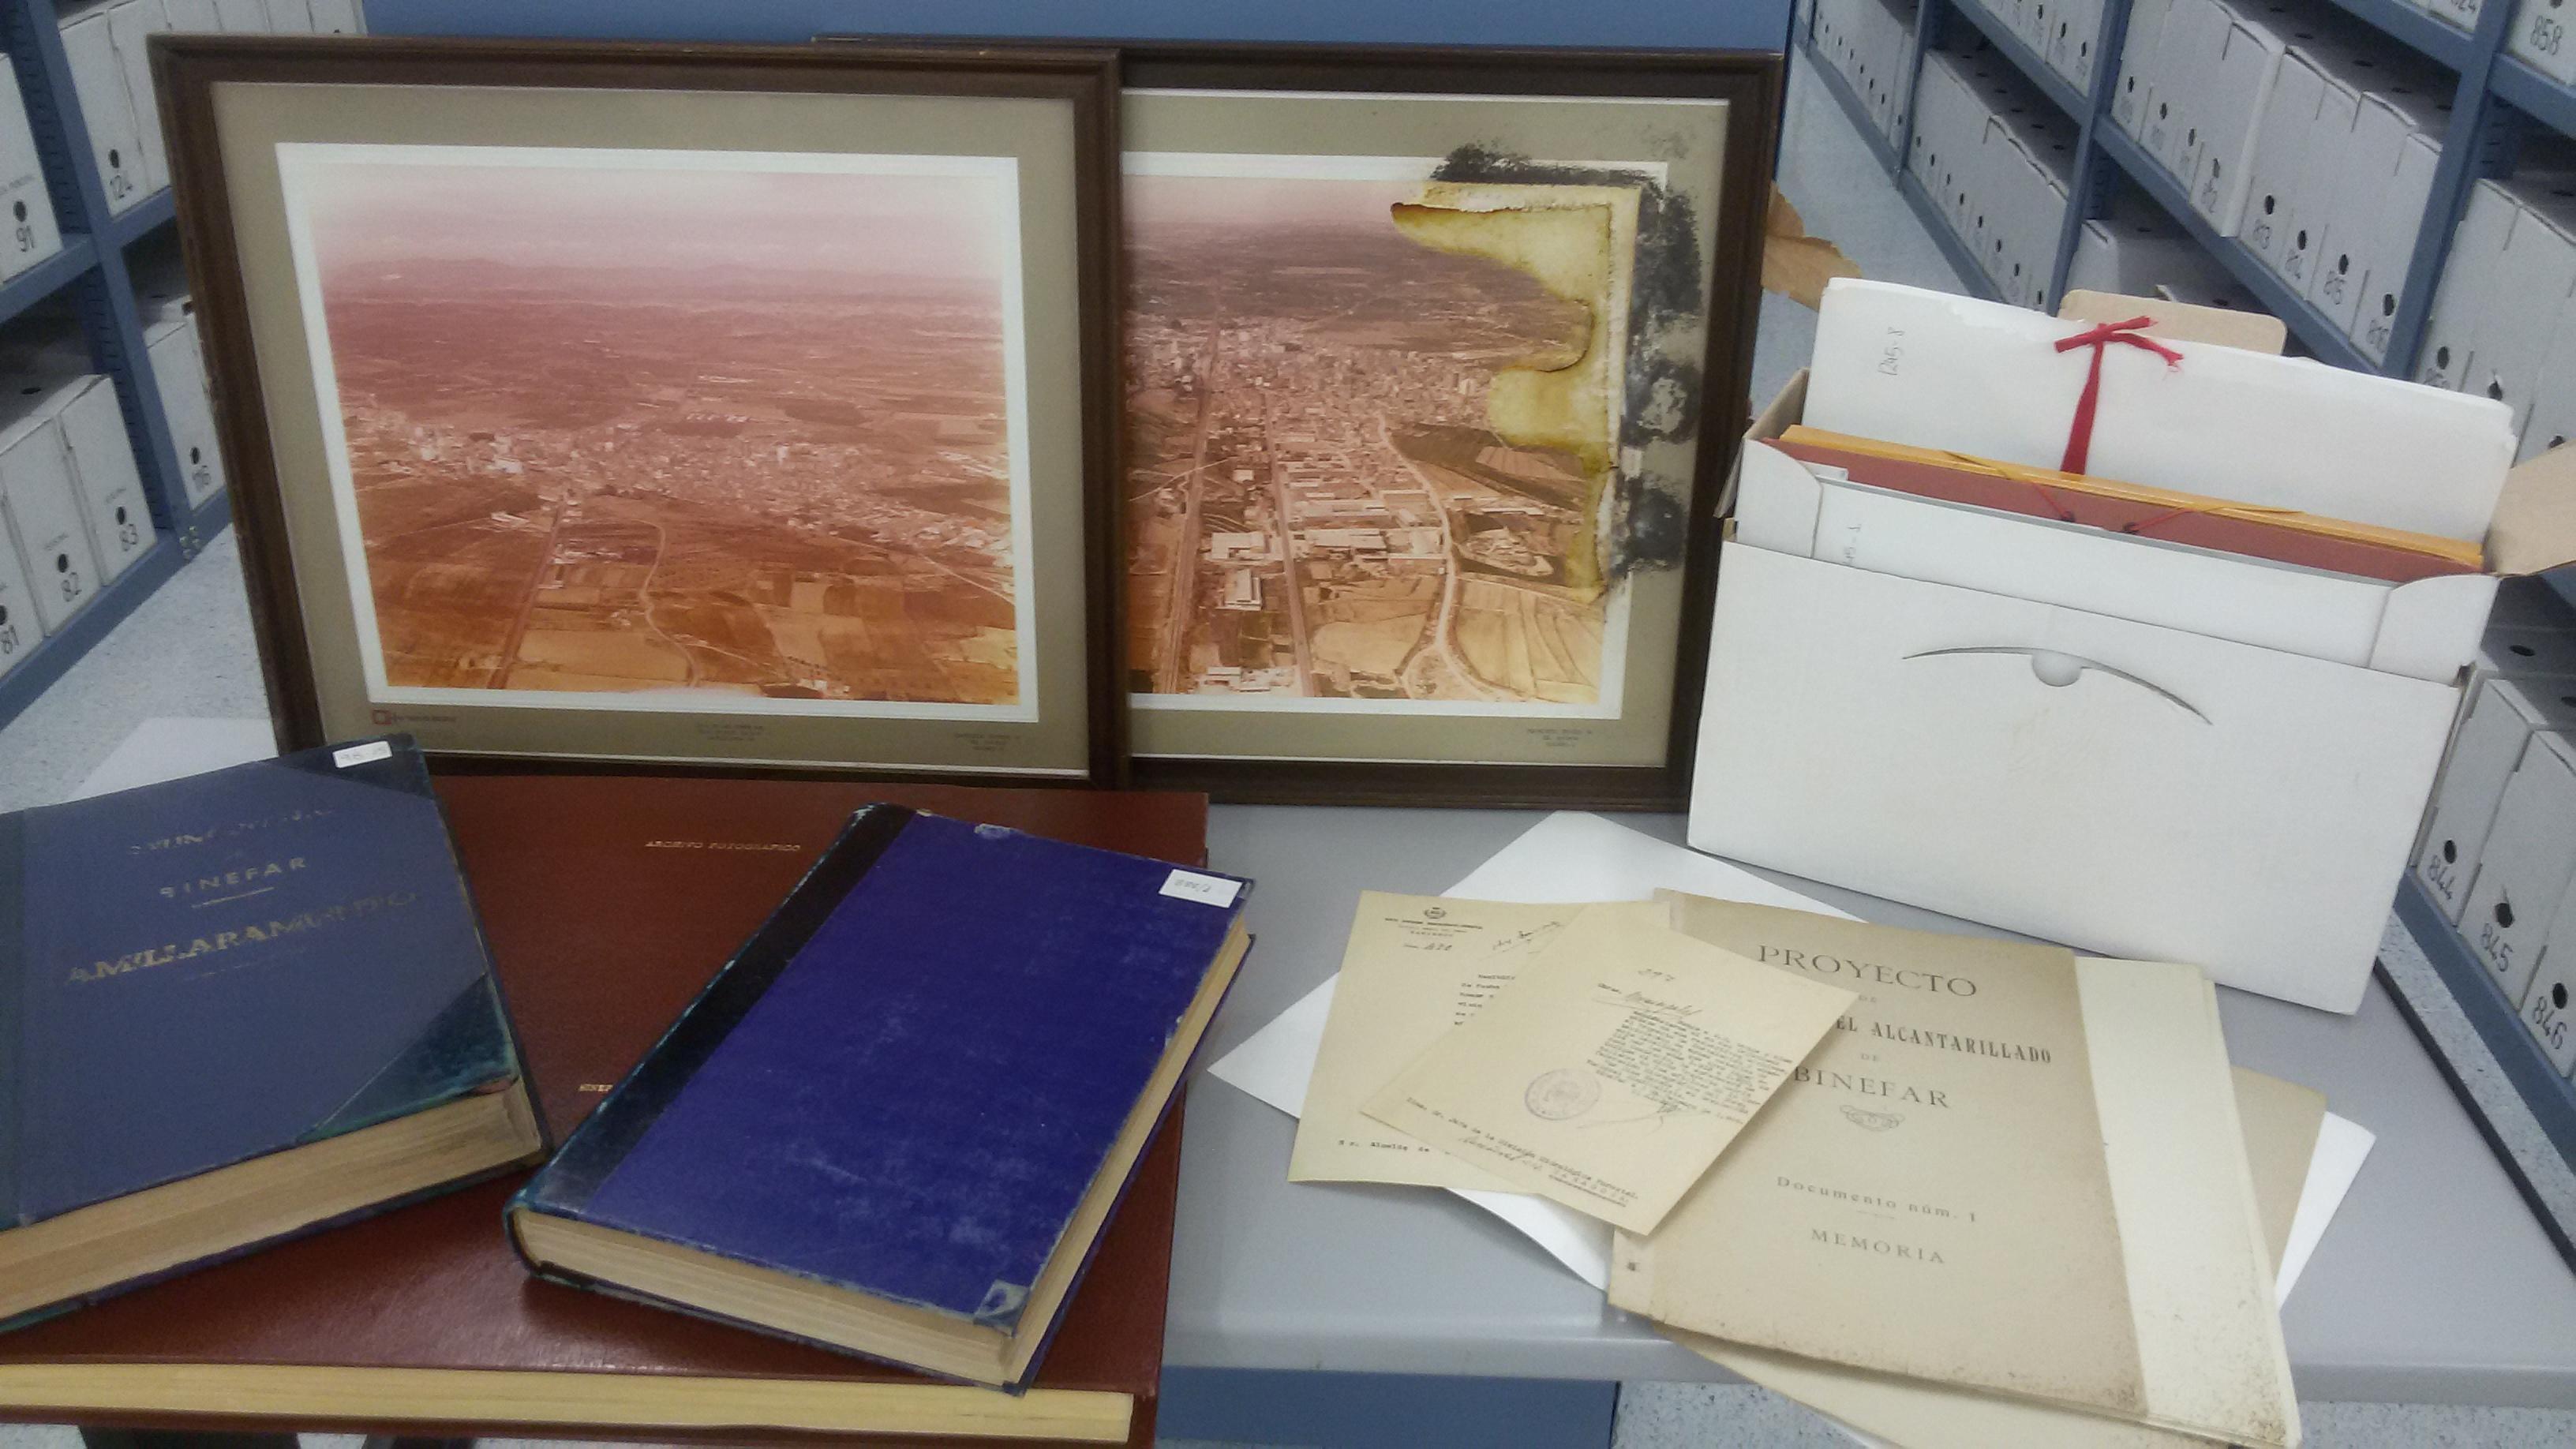 Exposición de documentación acompañada de fondo fotográfico. Un recorrido por nuestra historia a través del Patrimonio Documental.